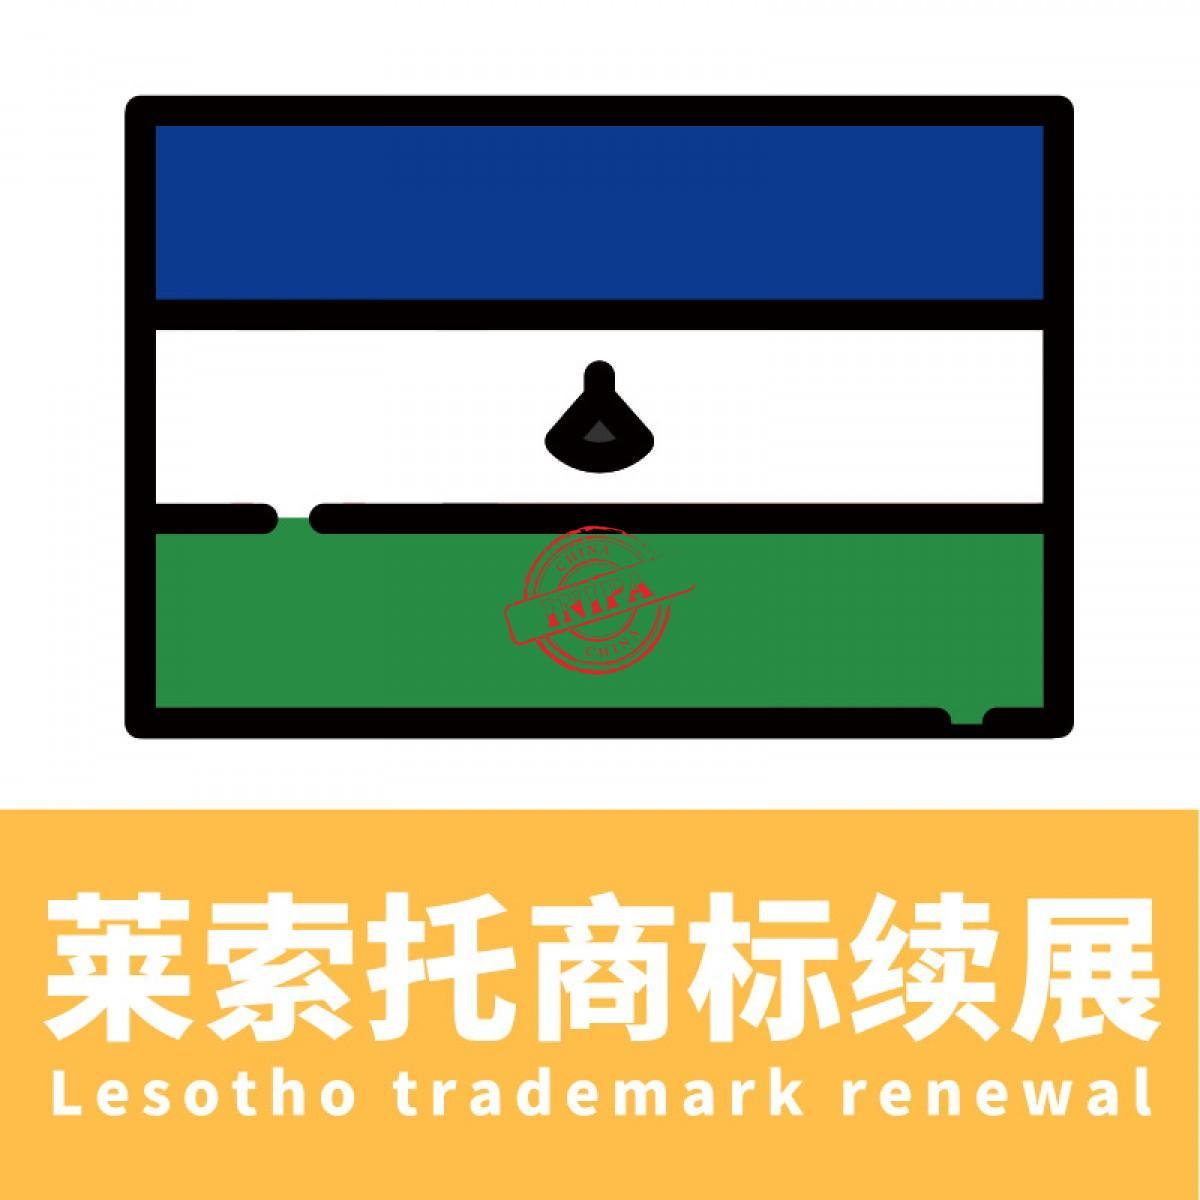 莱索托商标续展/Lesotho trademark renewal